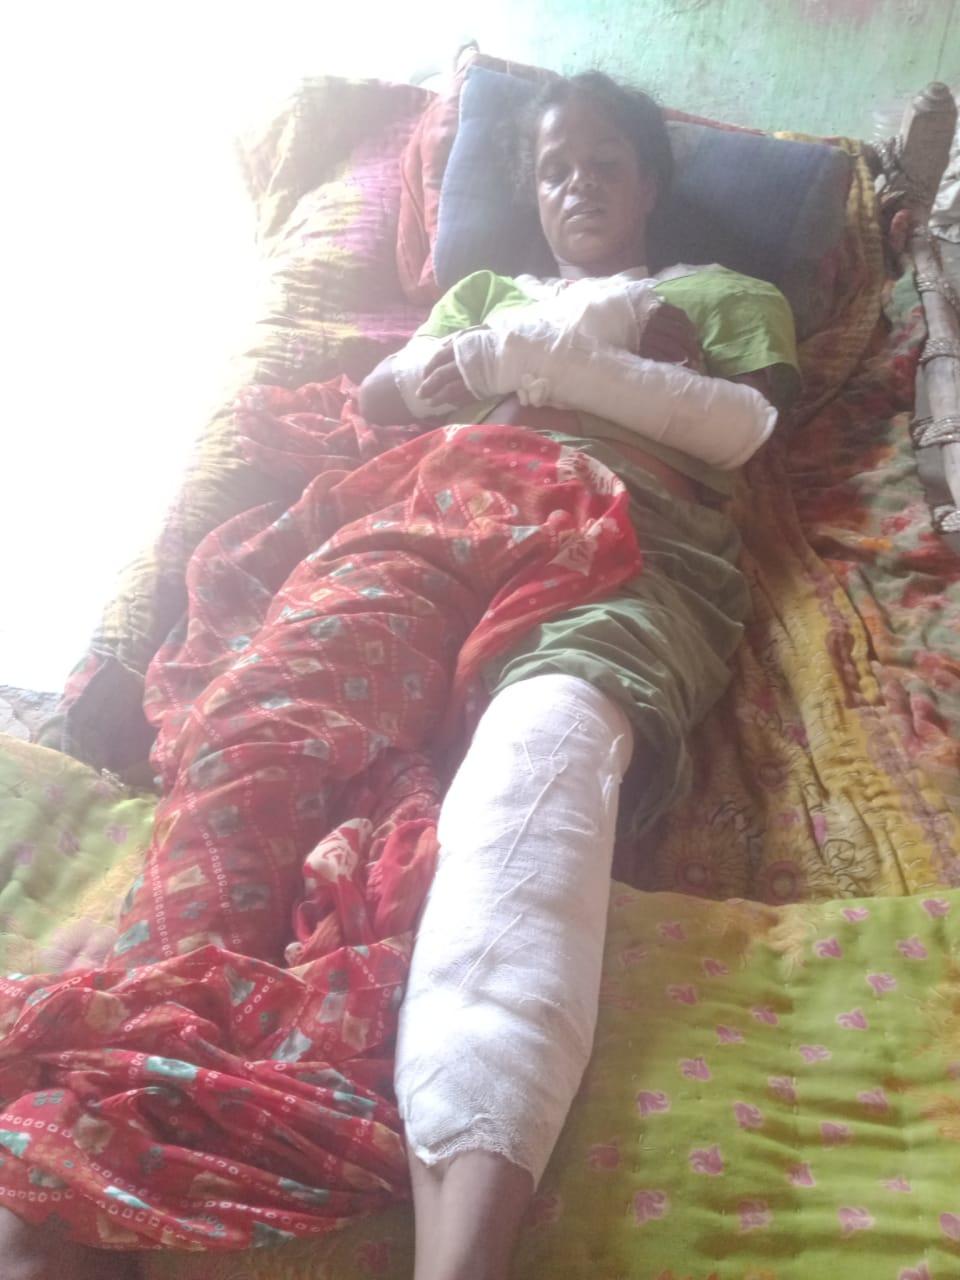 ઘરે દારૂ પીવાની ના પાડી તો દારૂડિયાએ કુટુંબી મહિલાના હાથ પગ ભાંગી નાખ્યા|સુરેન્દ્રનગર,Surendranagar - Divya Bhaskar